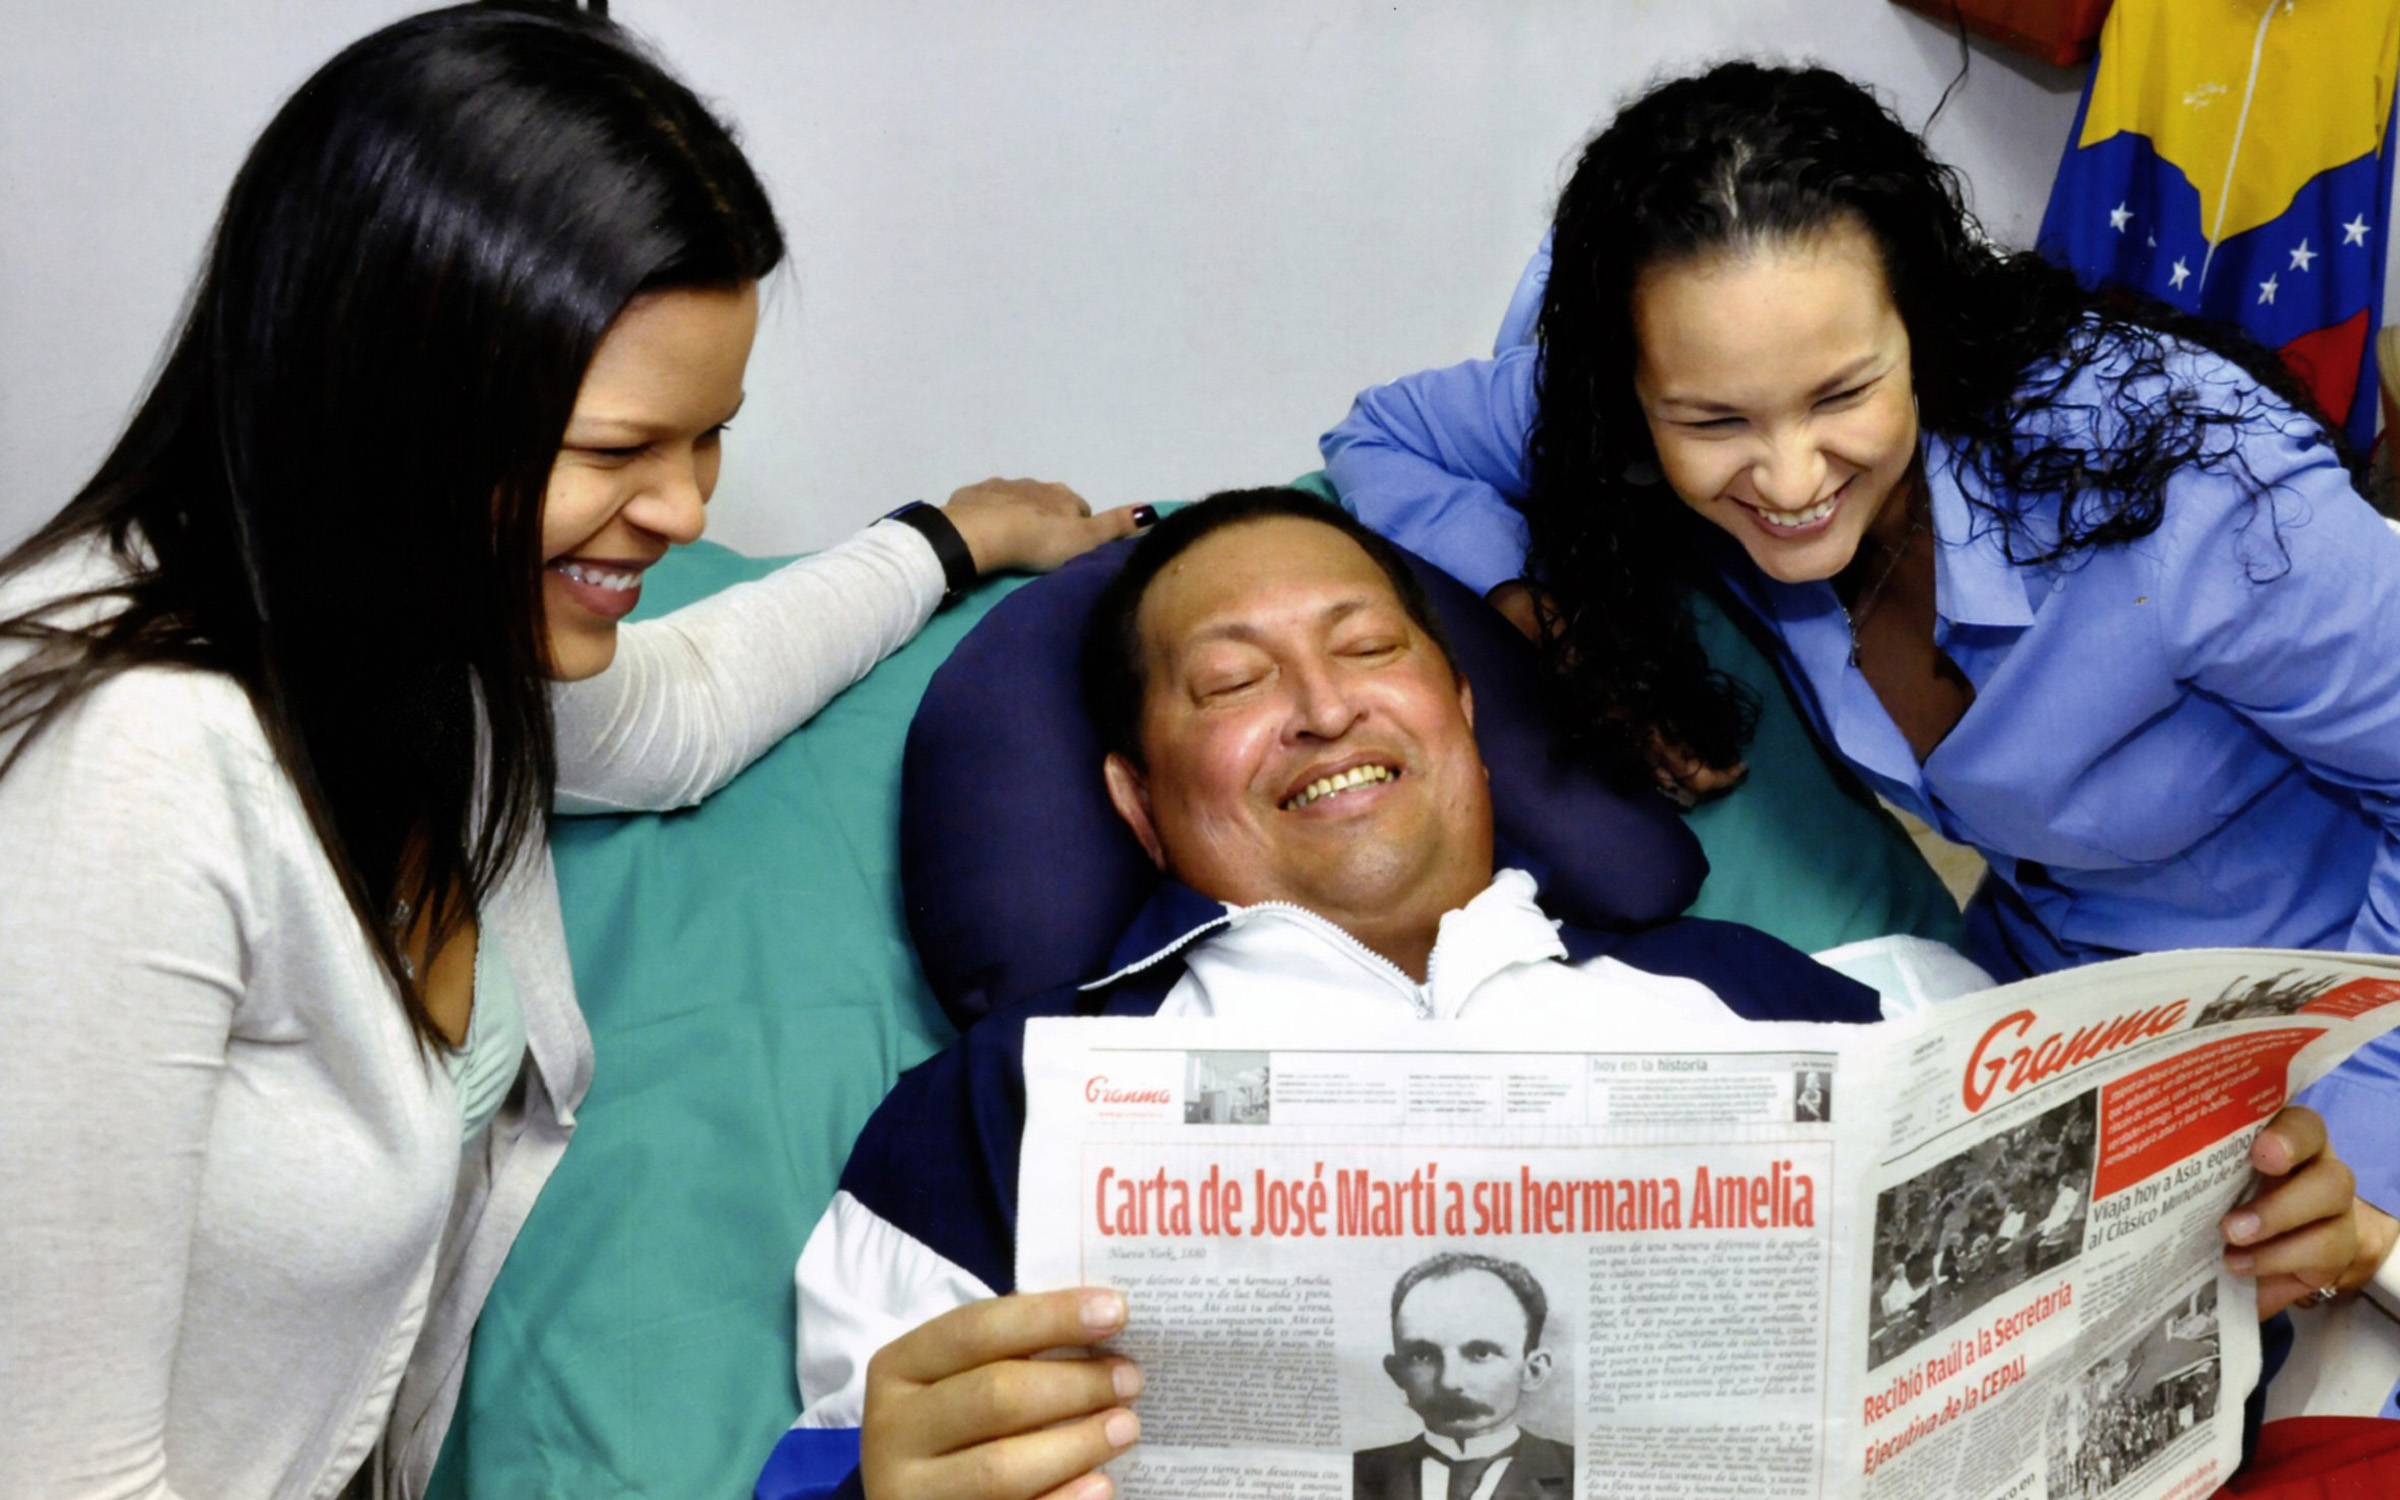 Primera imagenes de Chávez en cuba, esta vivo y sonriente